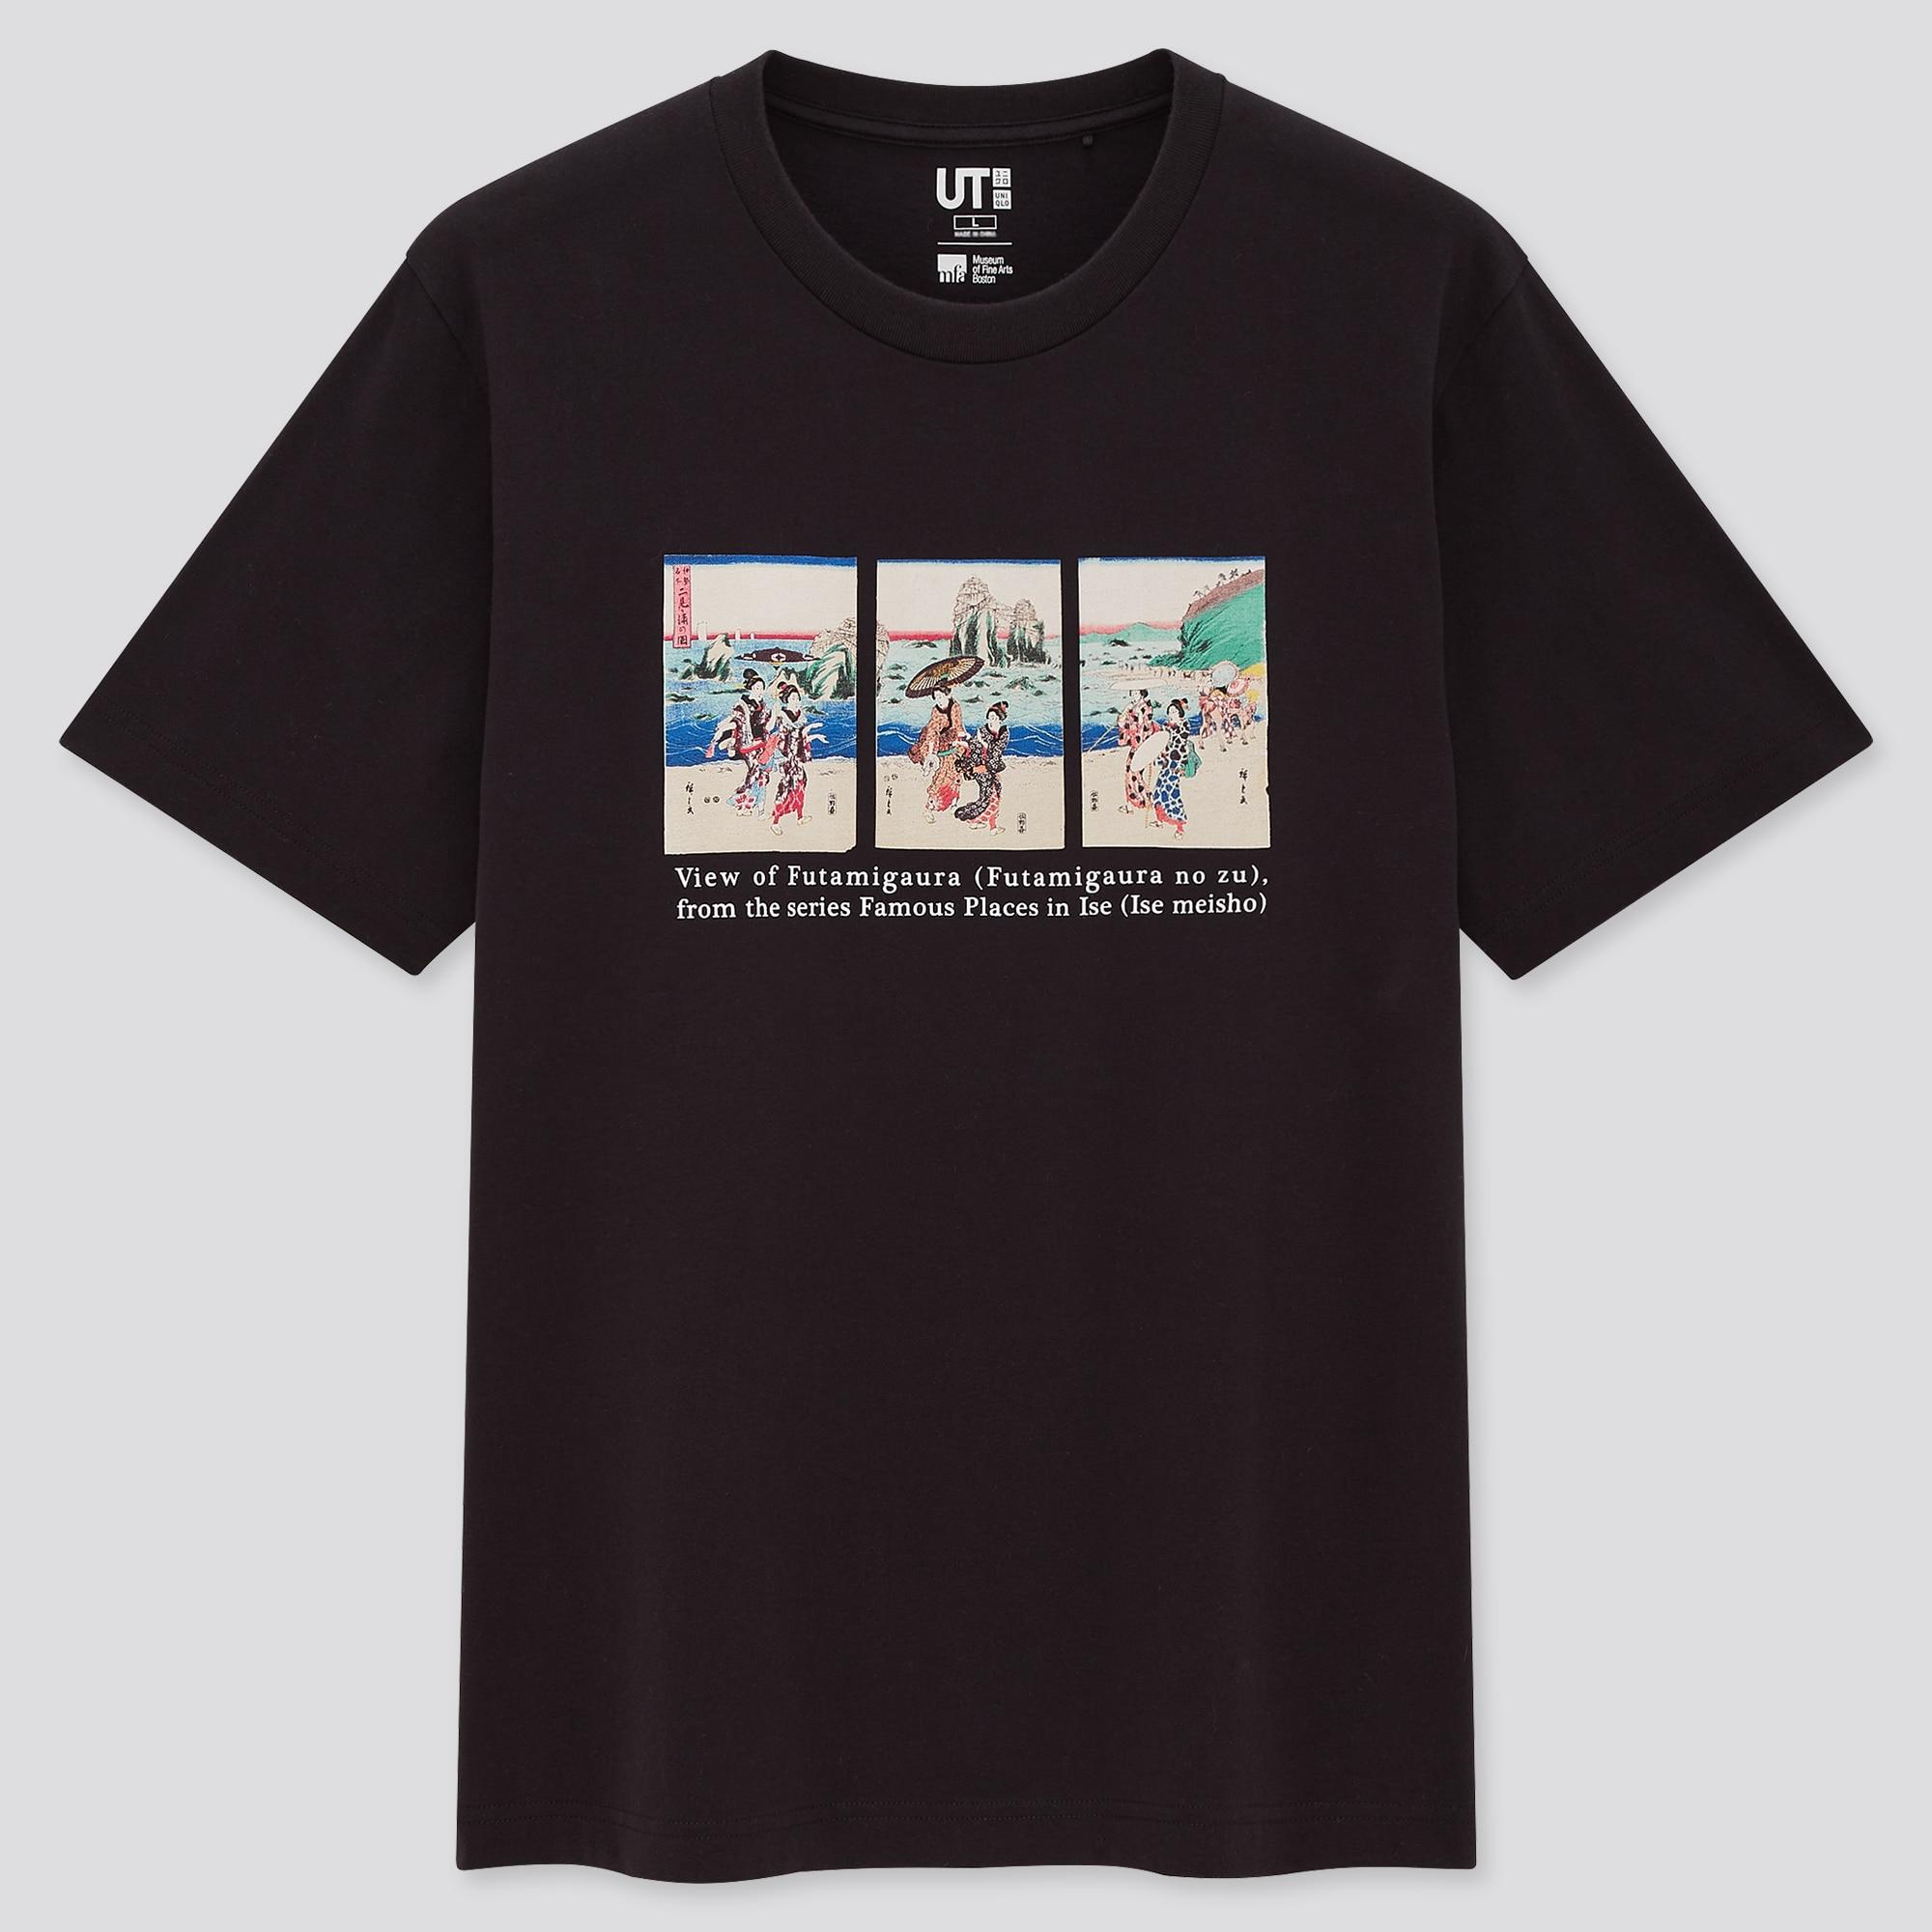 EDO UKIYO-E UT (SHORT-SLEEVE GRAPHIC T-SHIRT)